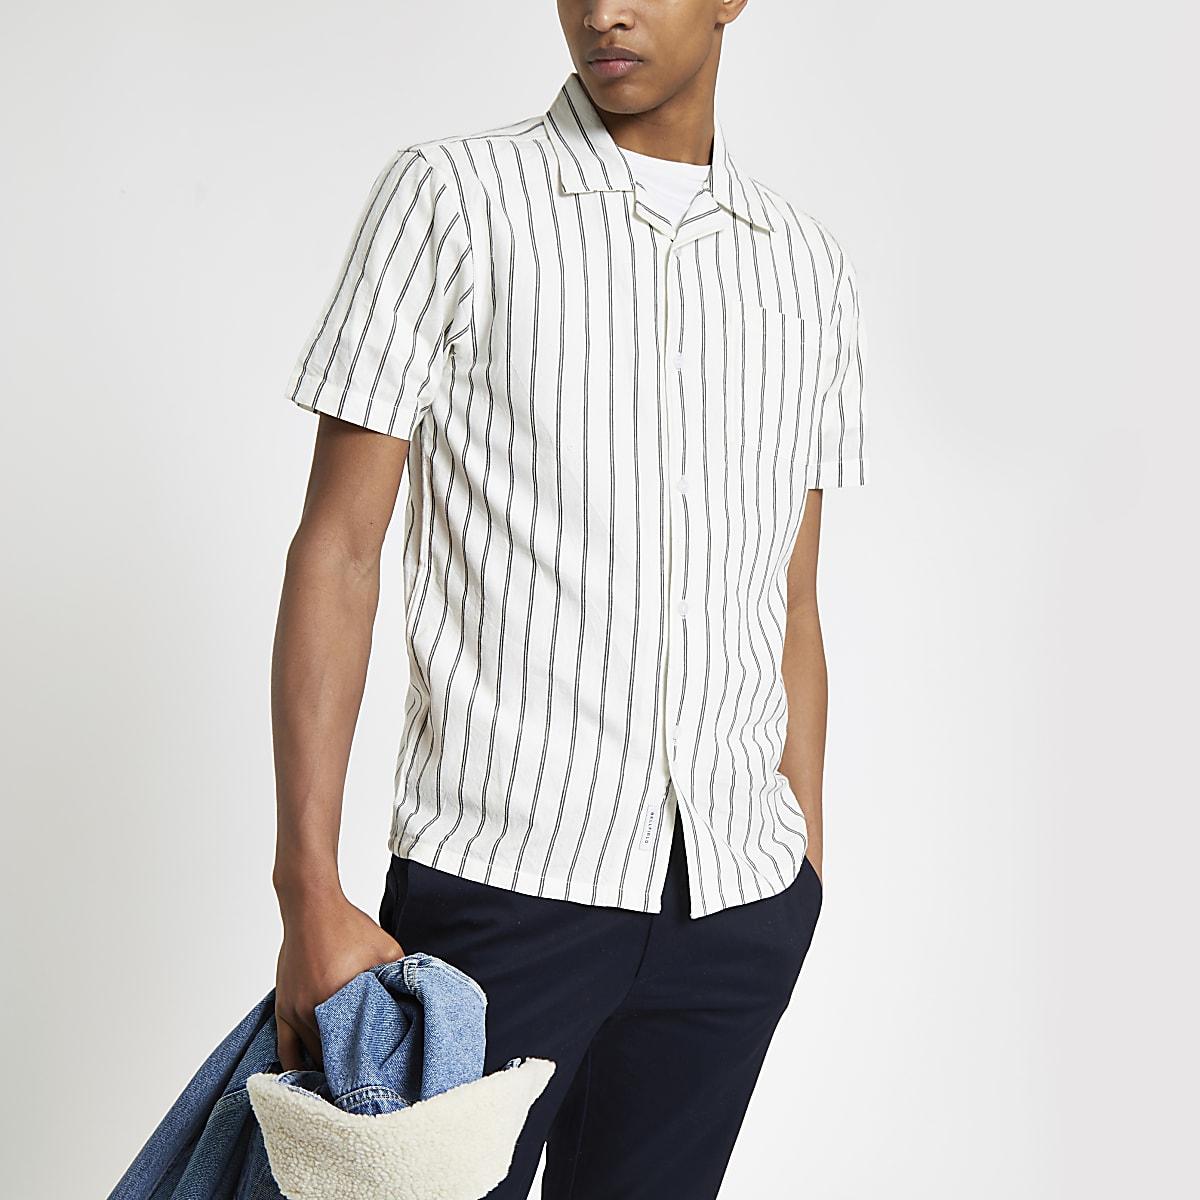 Bellfield – Weißes Hemd mit vertikalen Streifen